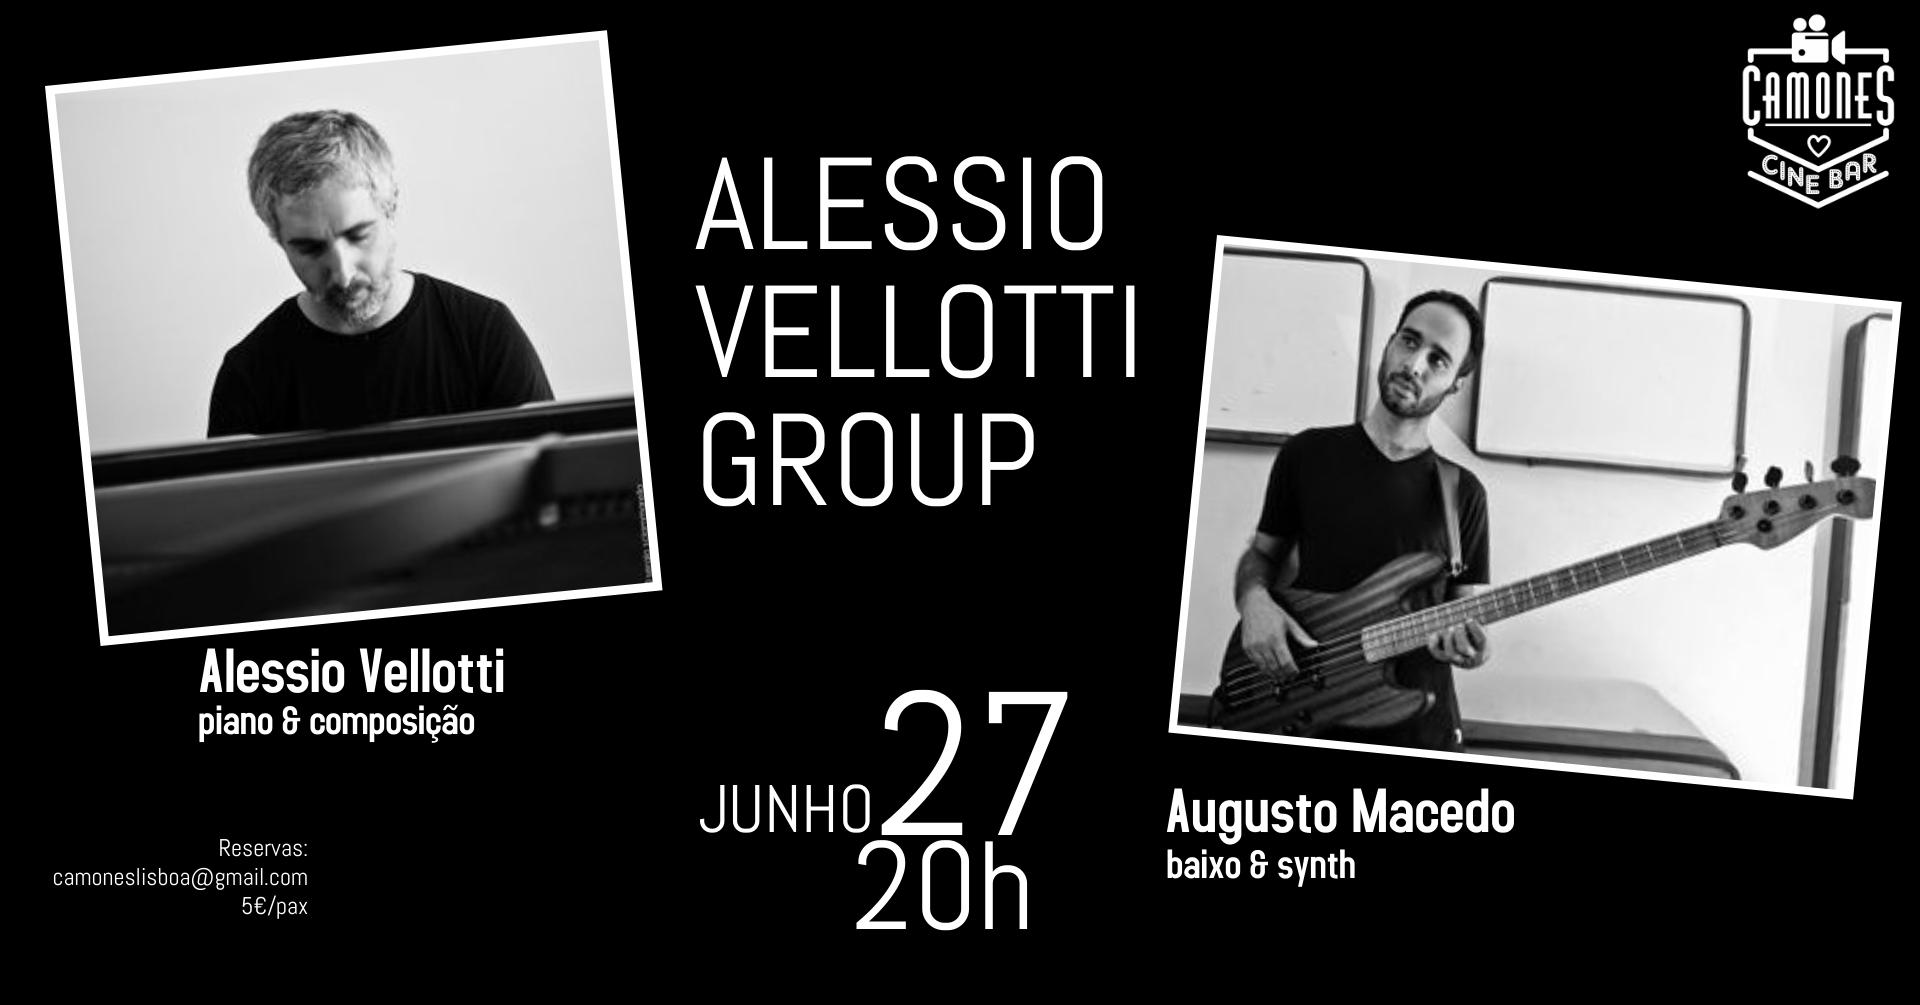 ALESSIO VELLOTTI GROUP